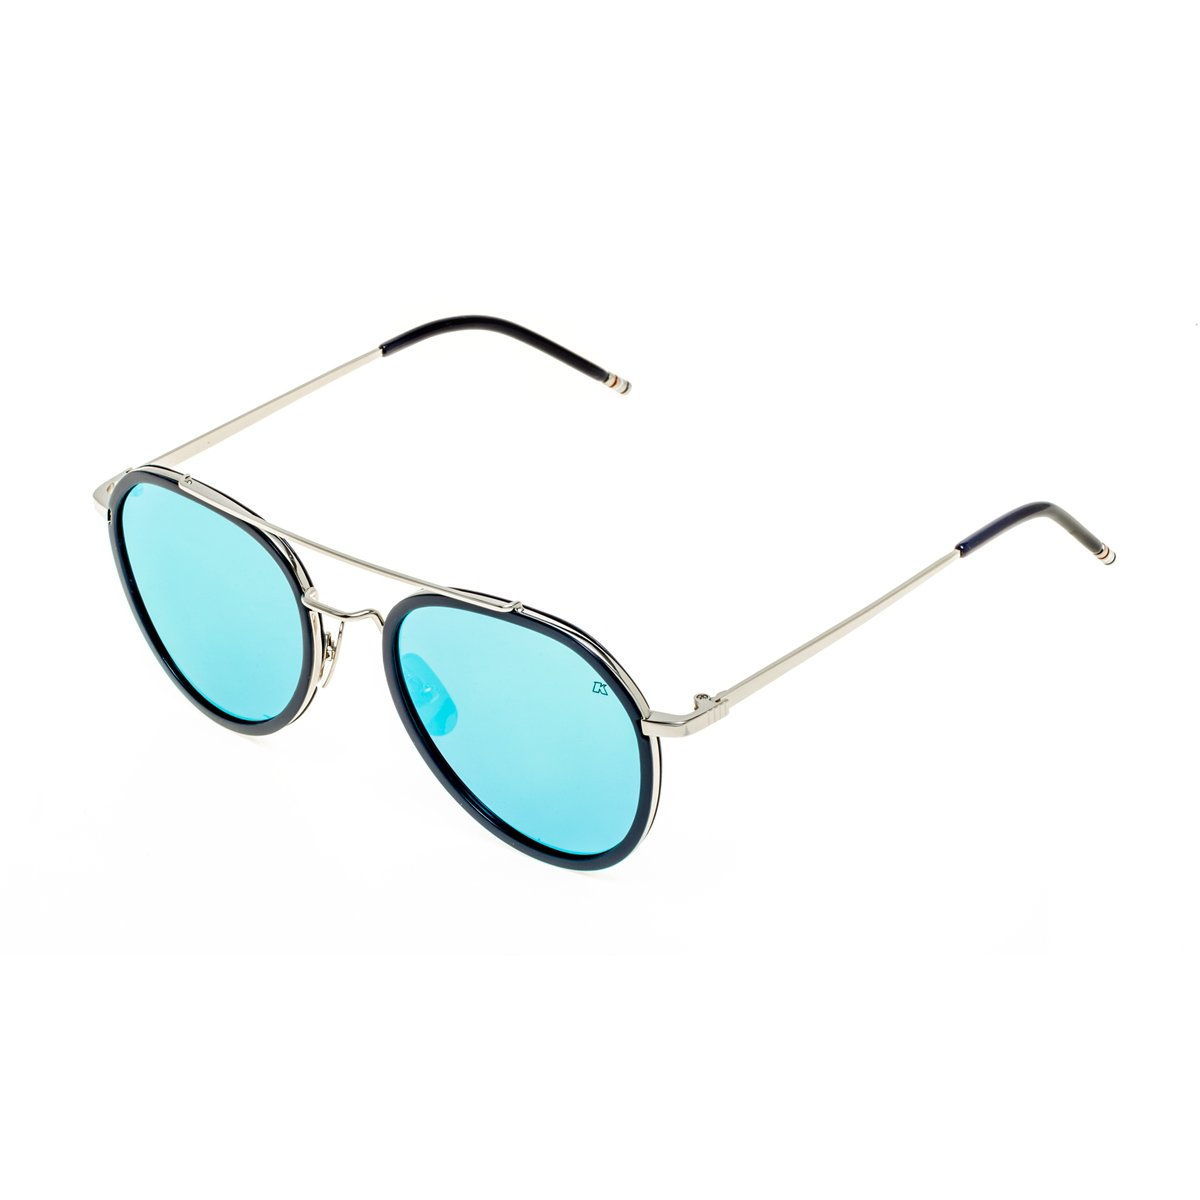 Óculos de Sol Khatto 1583KT - Compre Agora   Netshoes 0067a8fdfd